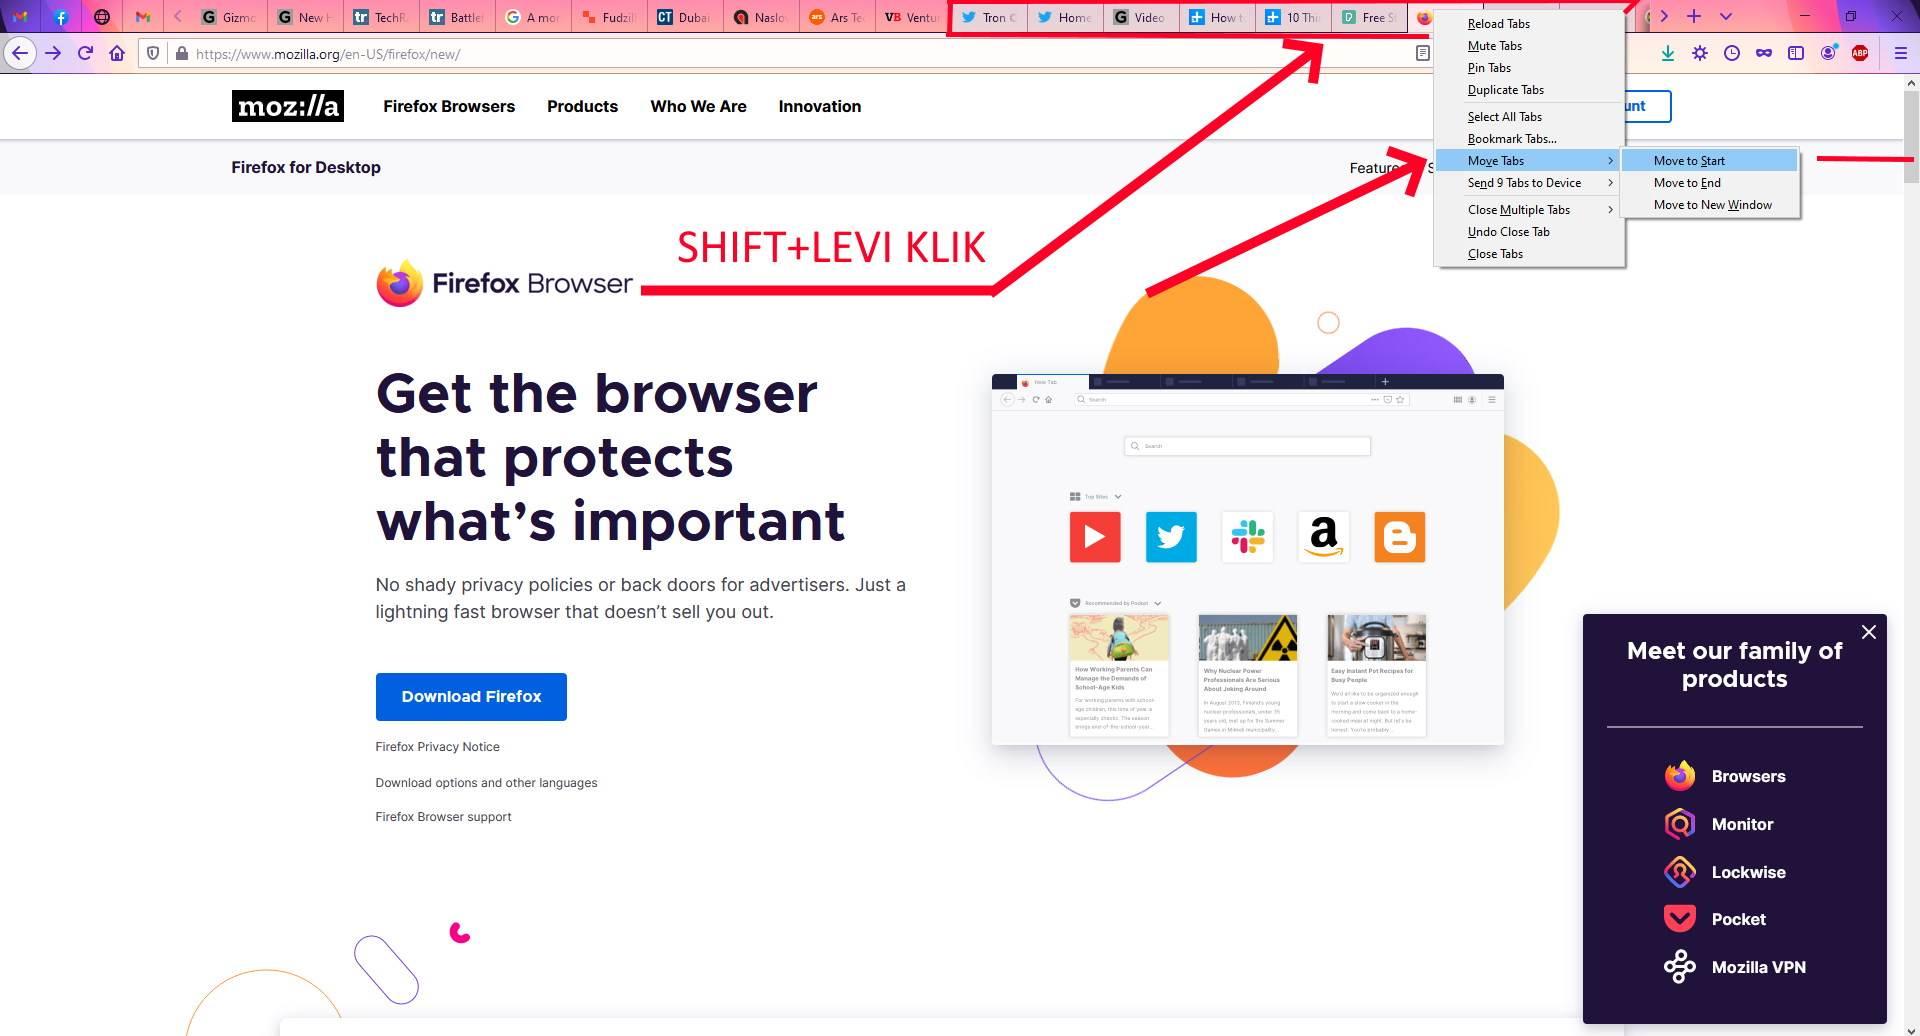 Grupisanje tabova držeći SHIFT taster i akcije nad odabranim tabovima